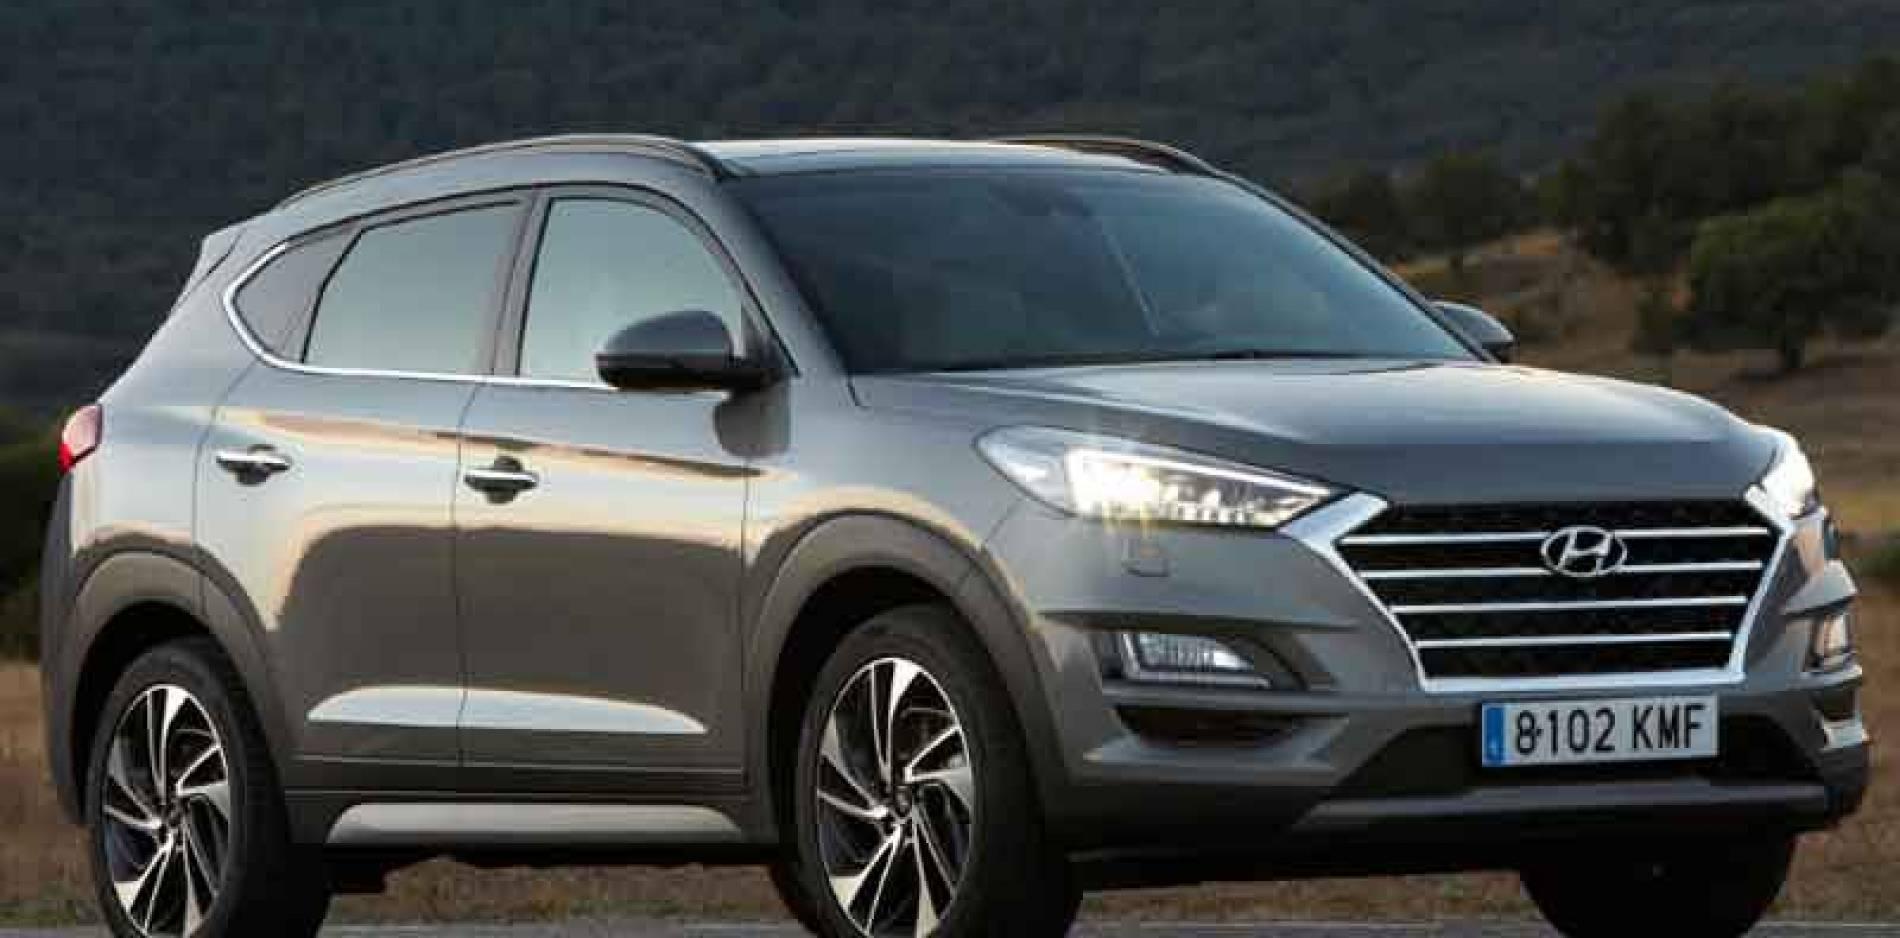 Nuevo Hyundai Tucson: calidad, seguridad y conectividad al máximo nivel